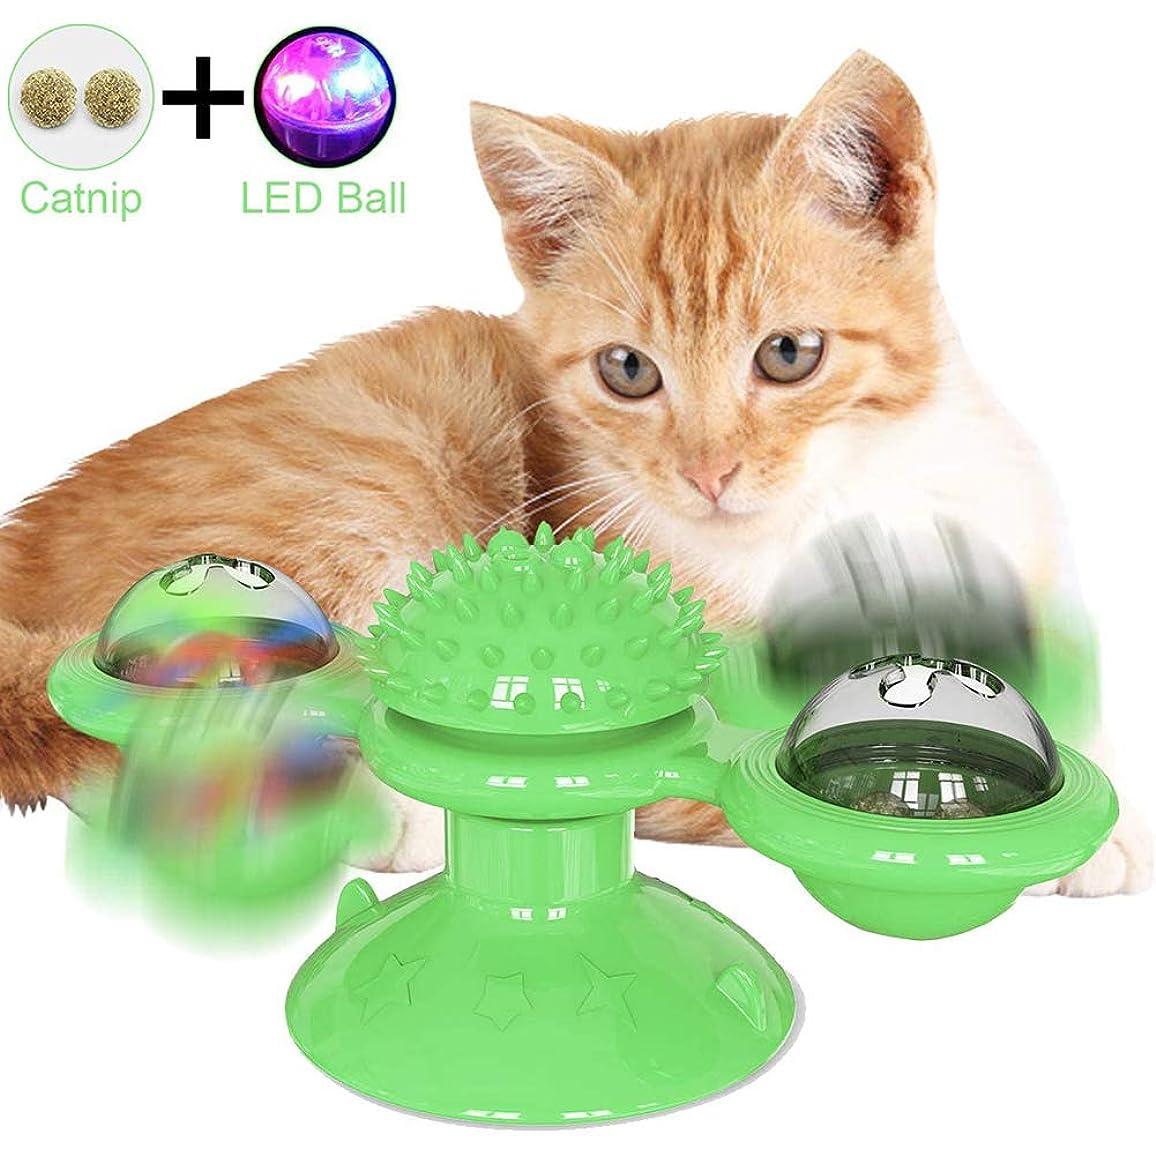 粘性の機密調整インタラクティブな猫のおもちゃ風車ターンテーブルからかう猫のおもちゃ吸引カップ付き回転式ターンテーブルインタラクティブ猫のおもちゃ傷をくすぐるヘアブラシ